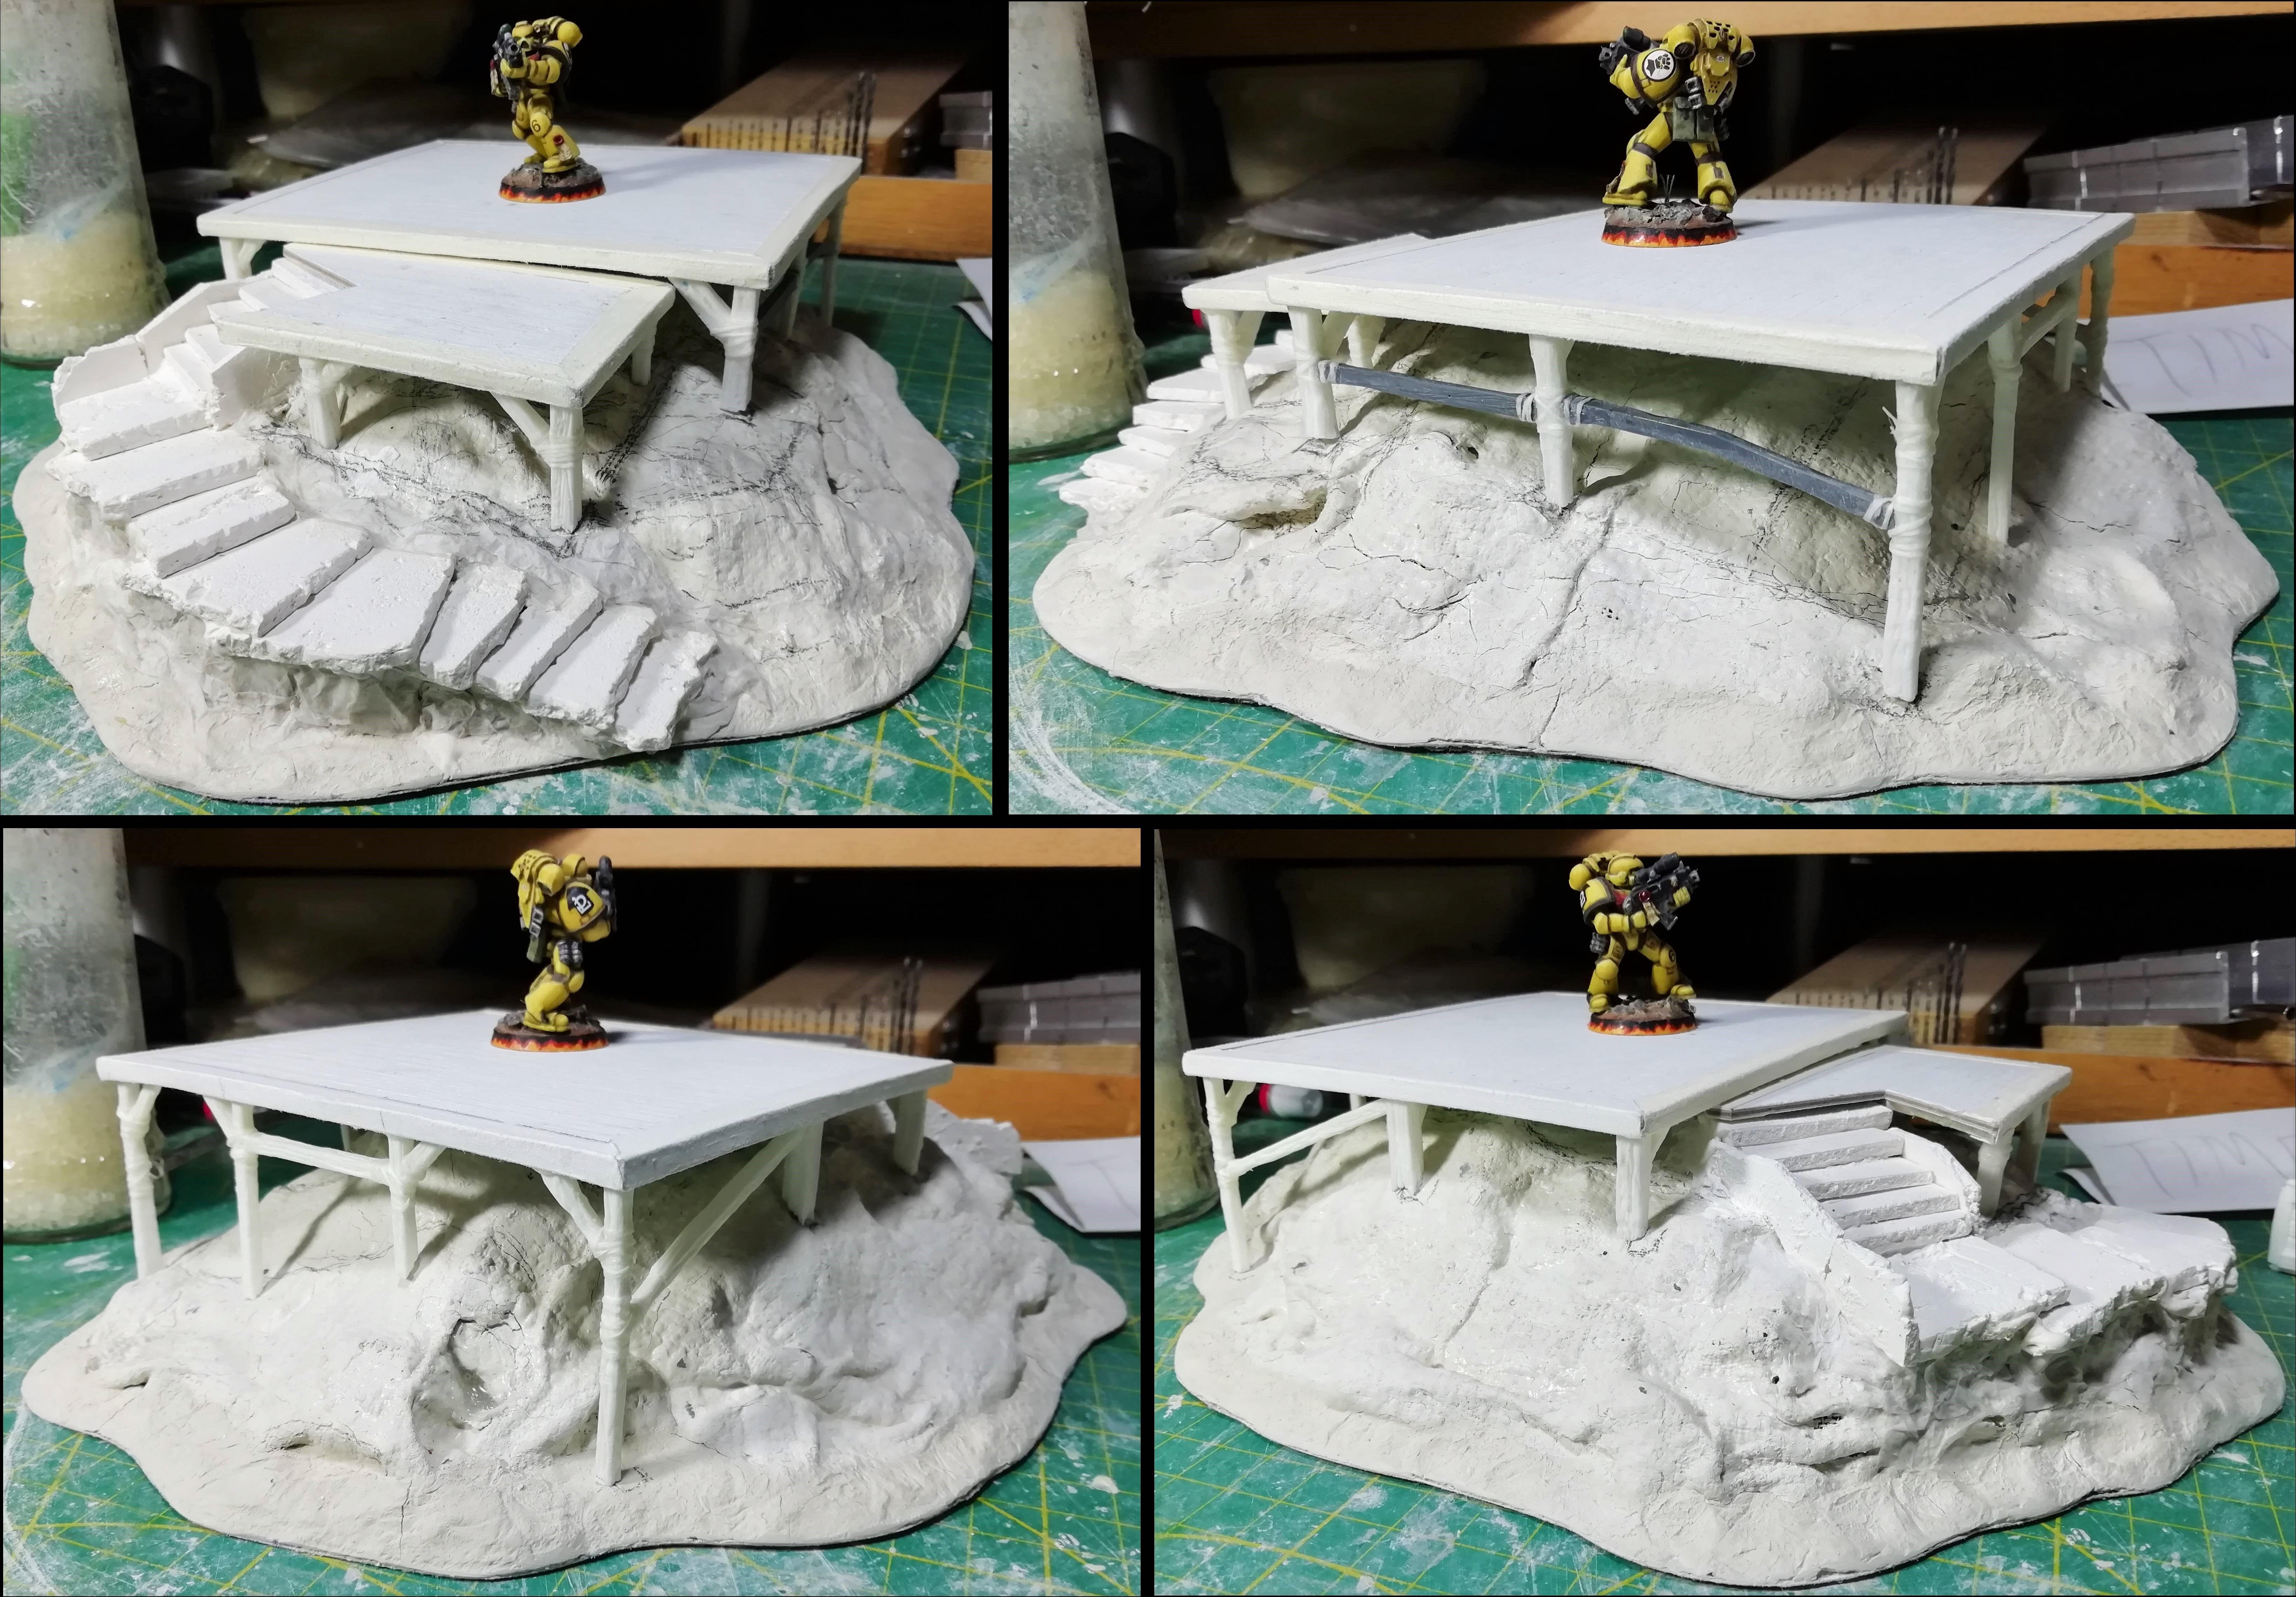 Mound wip 4; platform stilts